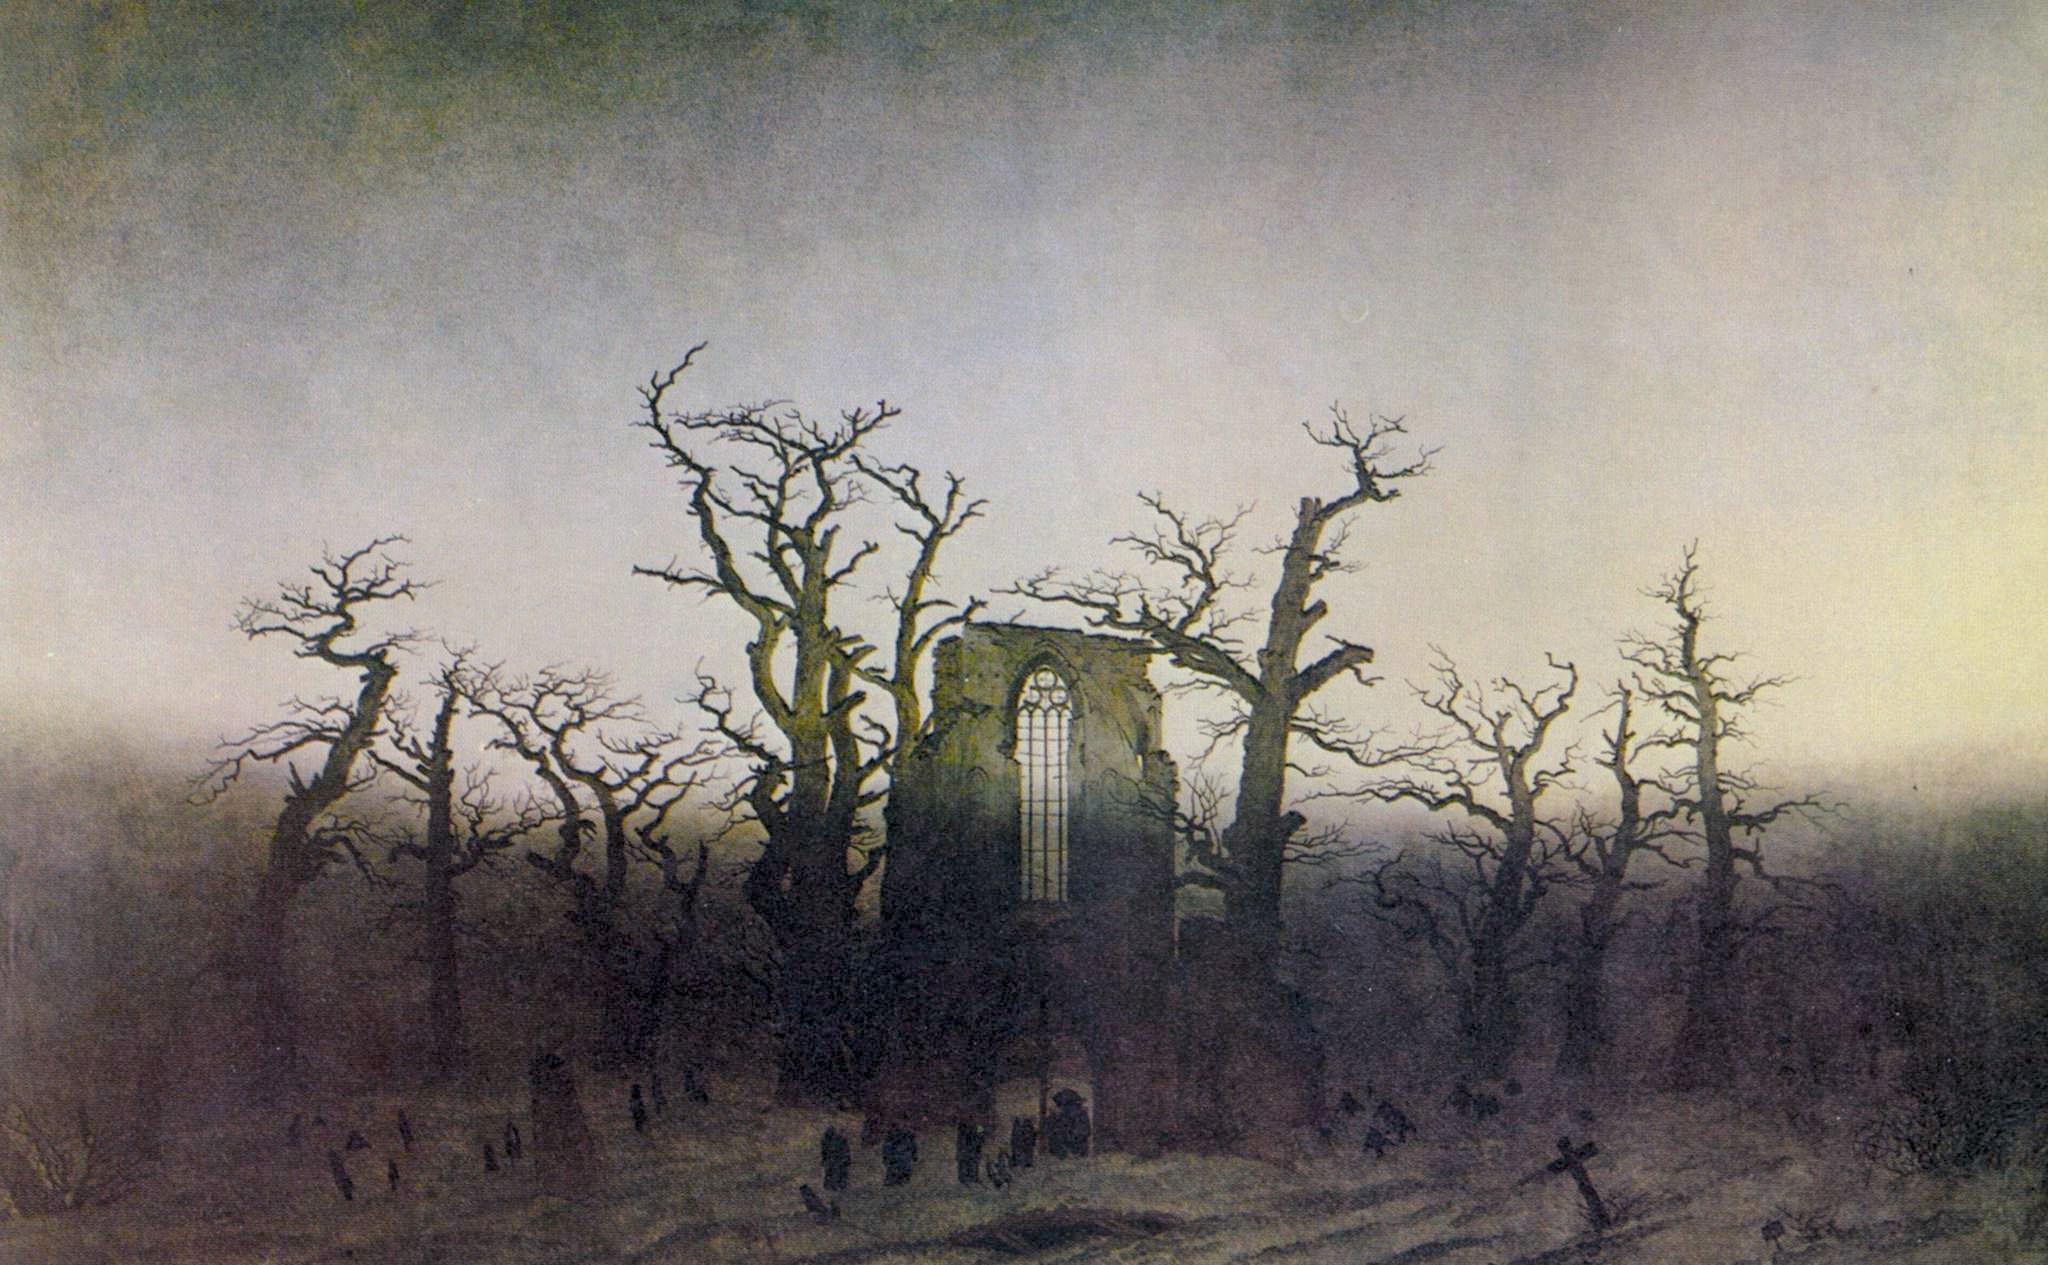 Caspar David Friedrich, L'Abbaye dans une forêt de chênes, 1809 - 1810